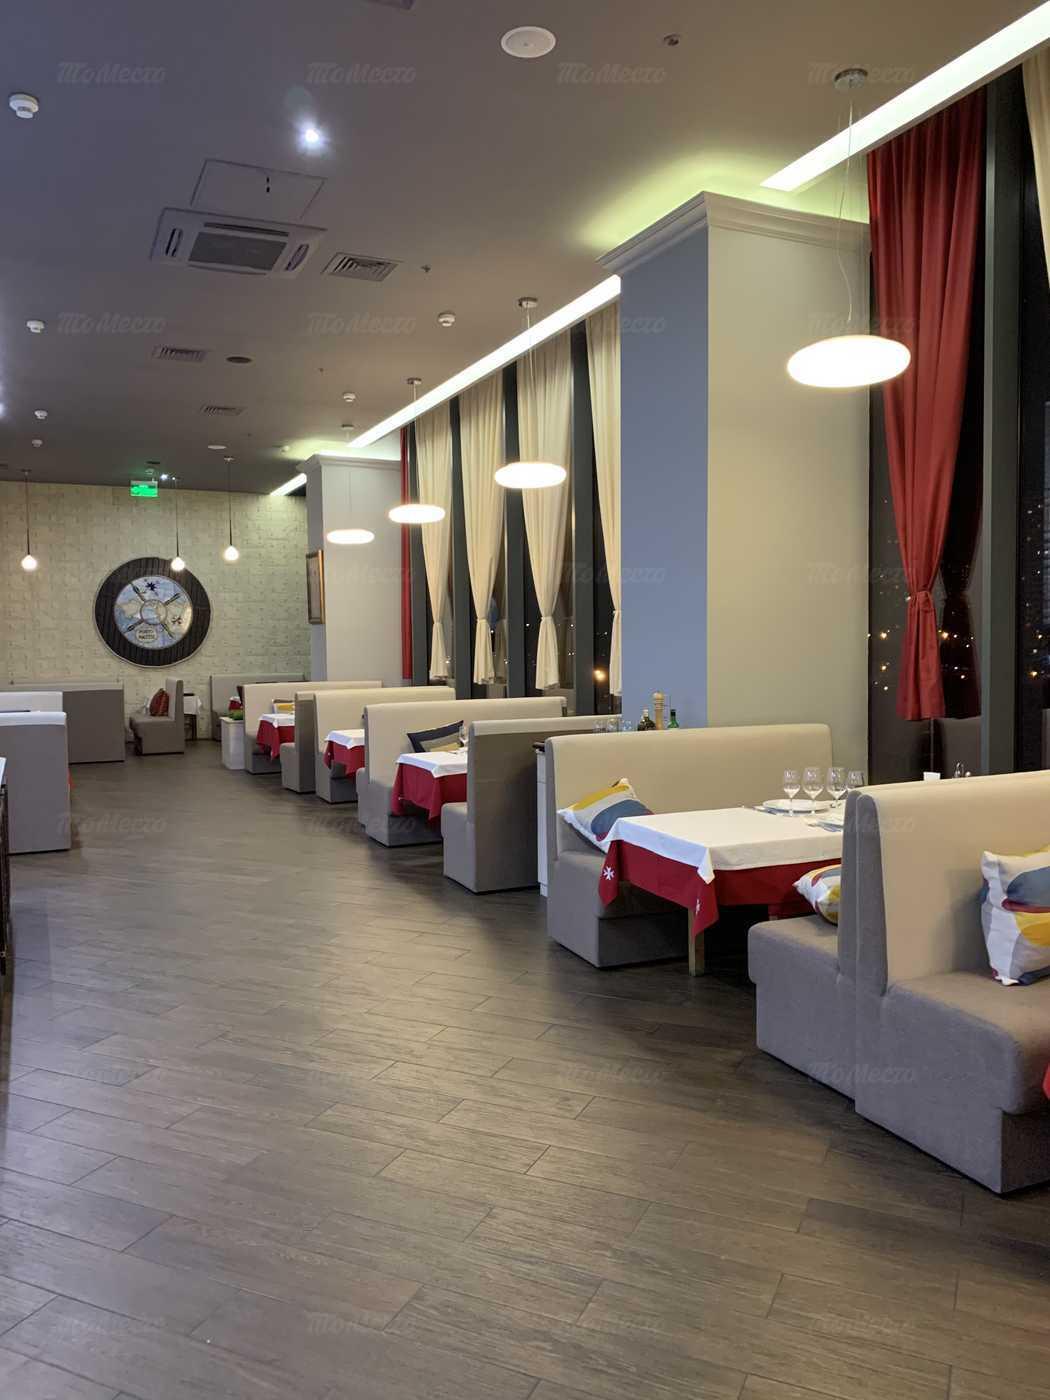 Ресторан Порто Мальтезе (Porto Maltese) на Кутузовском проспекте фото 6